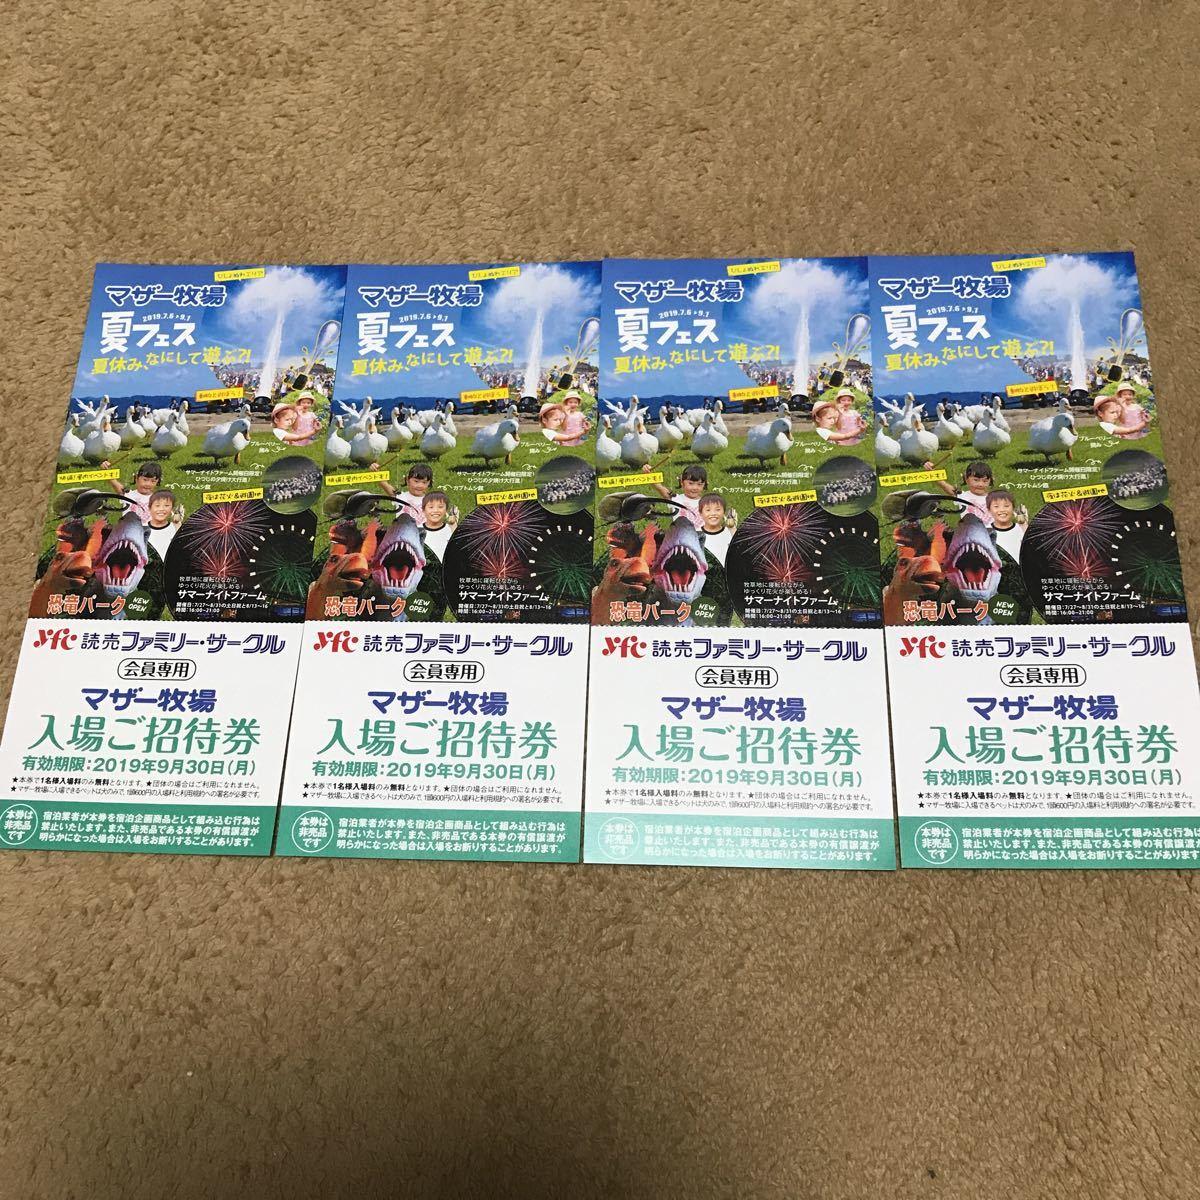 マザー牧場 入場ご招待券4枚セット 有効期限:2019年9月30日(月)